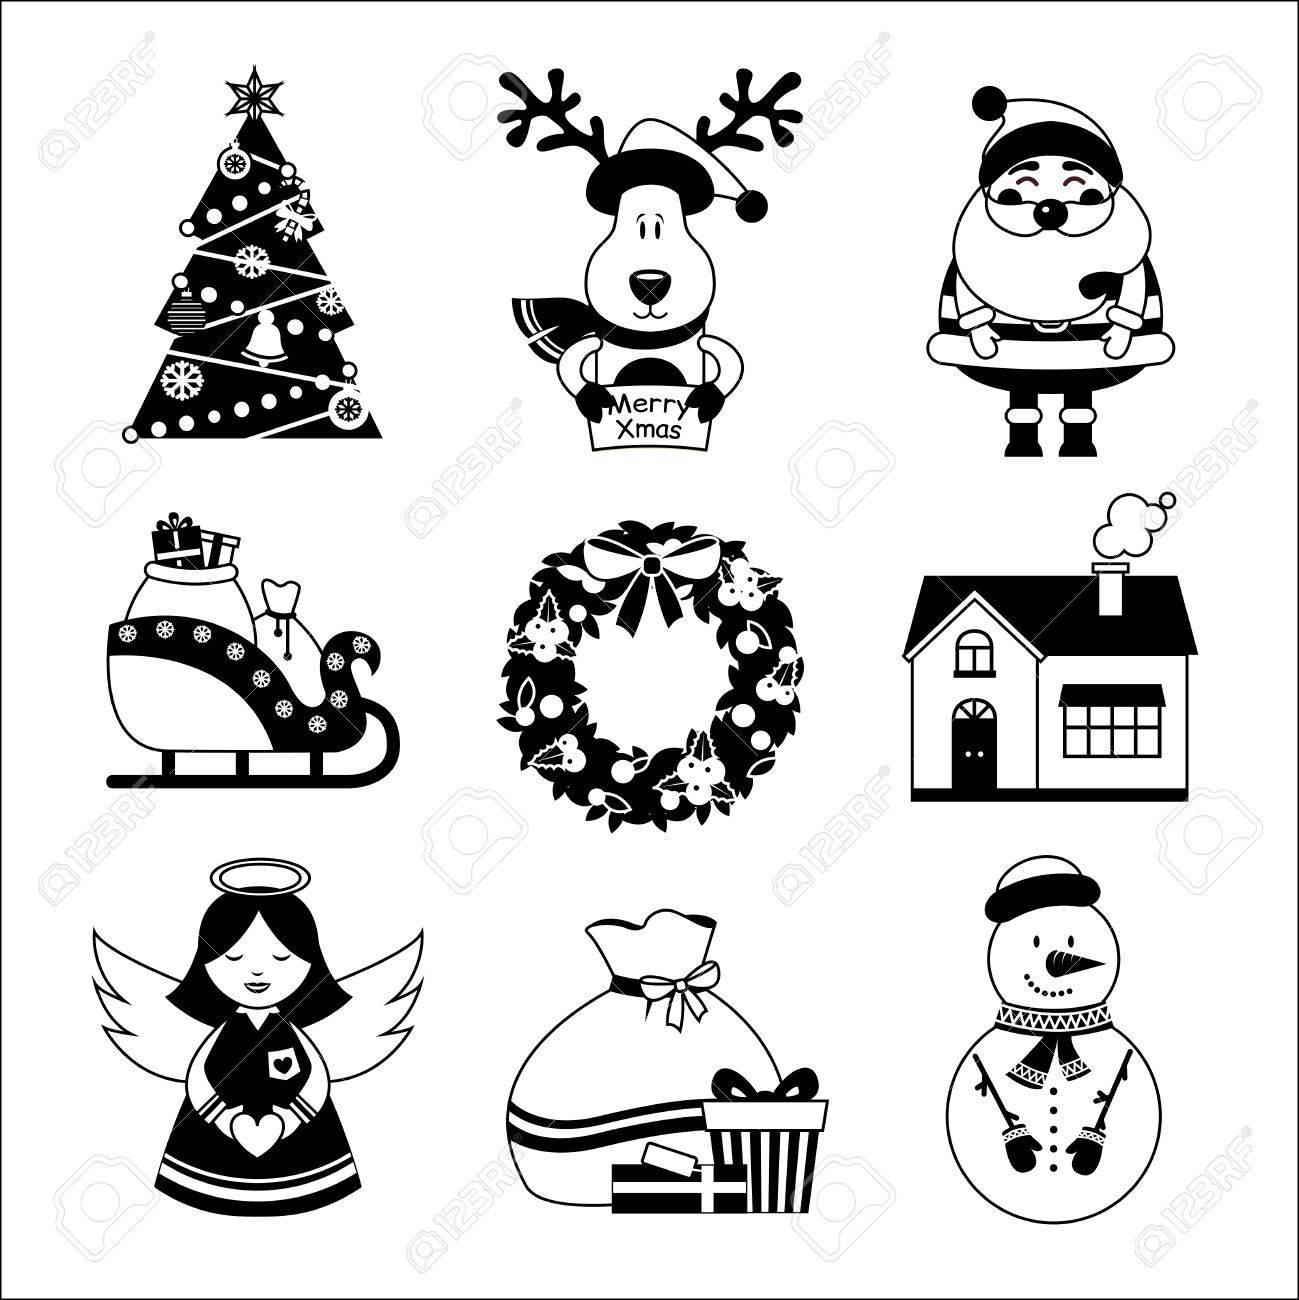 クリスマス新年装飾アイコン ギフト ボックス鹿分離雪だるまイラスト白黒